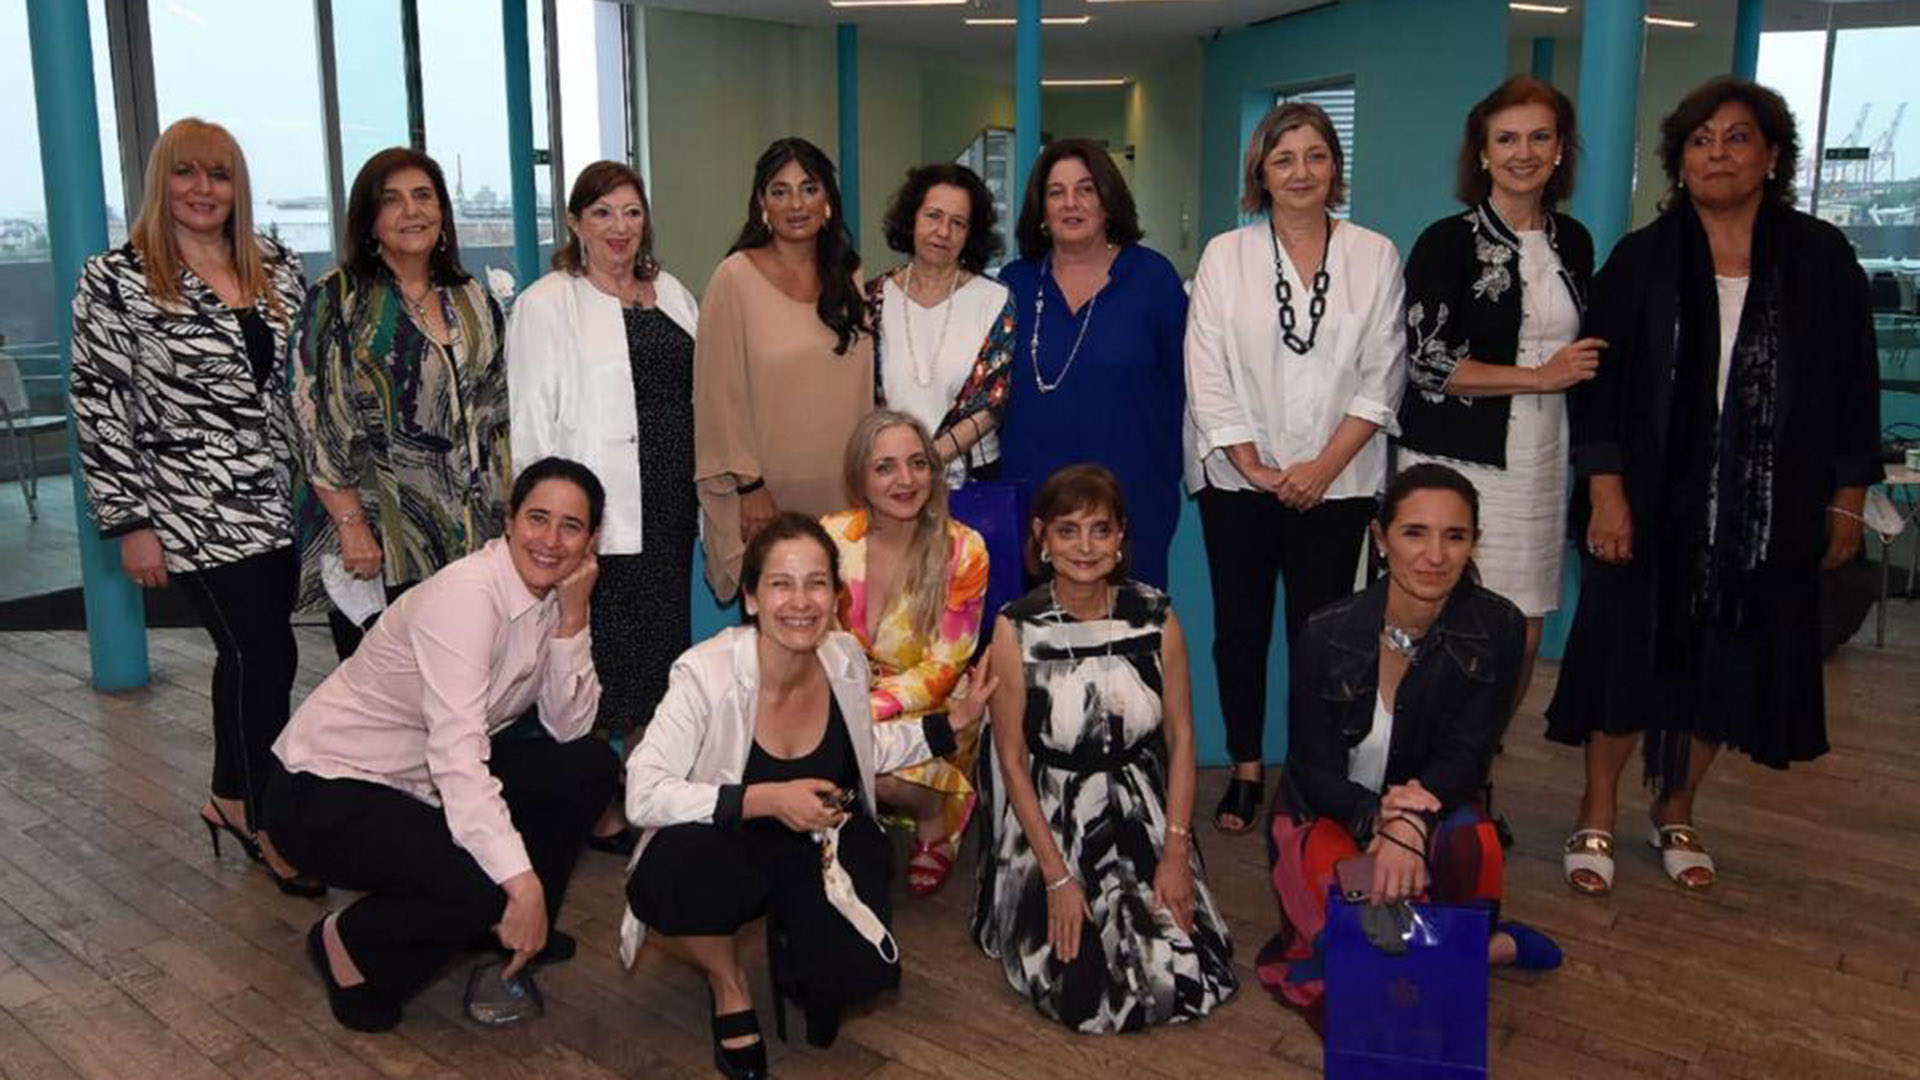 Un selecto grupo de mujeres destacadas fueron reconocidas por la Fundación Proa -entidad que dirige Adriana Rosenberg- y por Jean Pierre Joyeros, una empresa encabezada por Claudia Stad